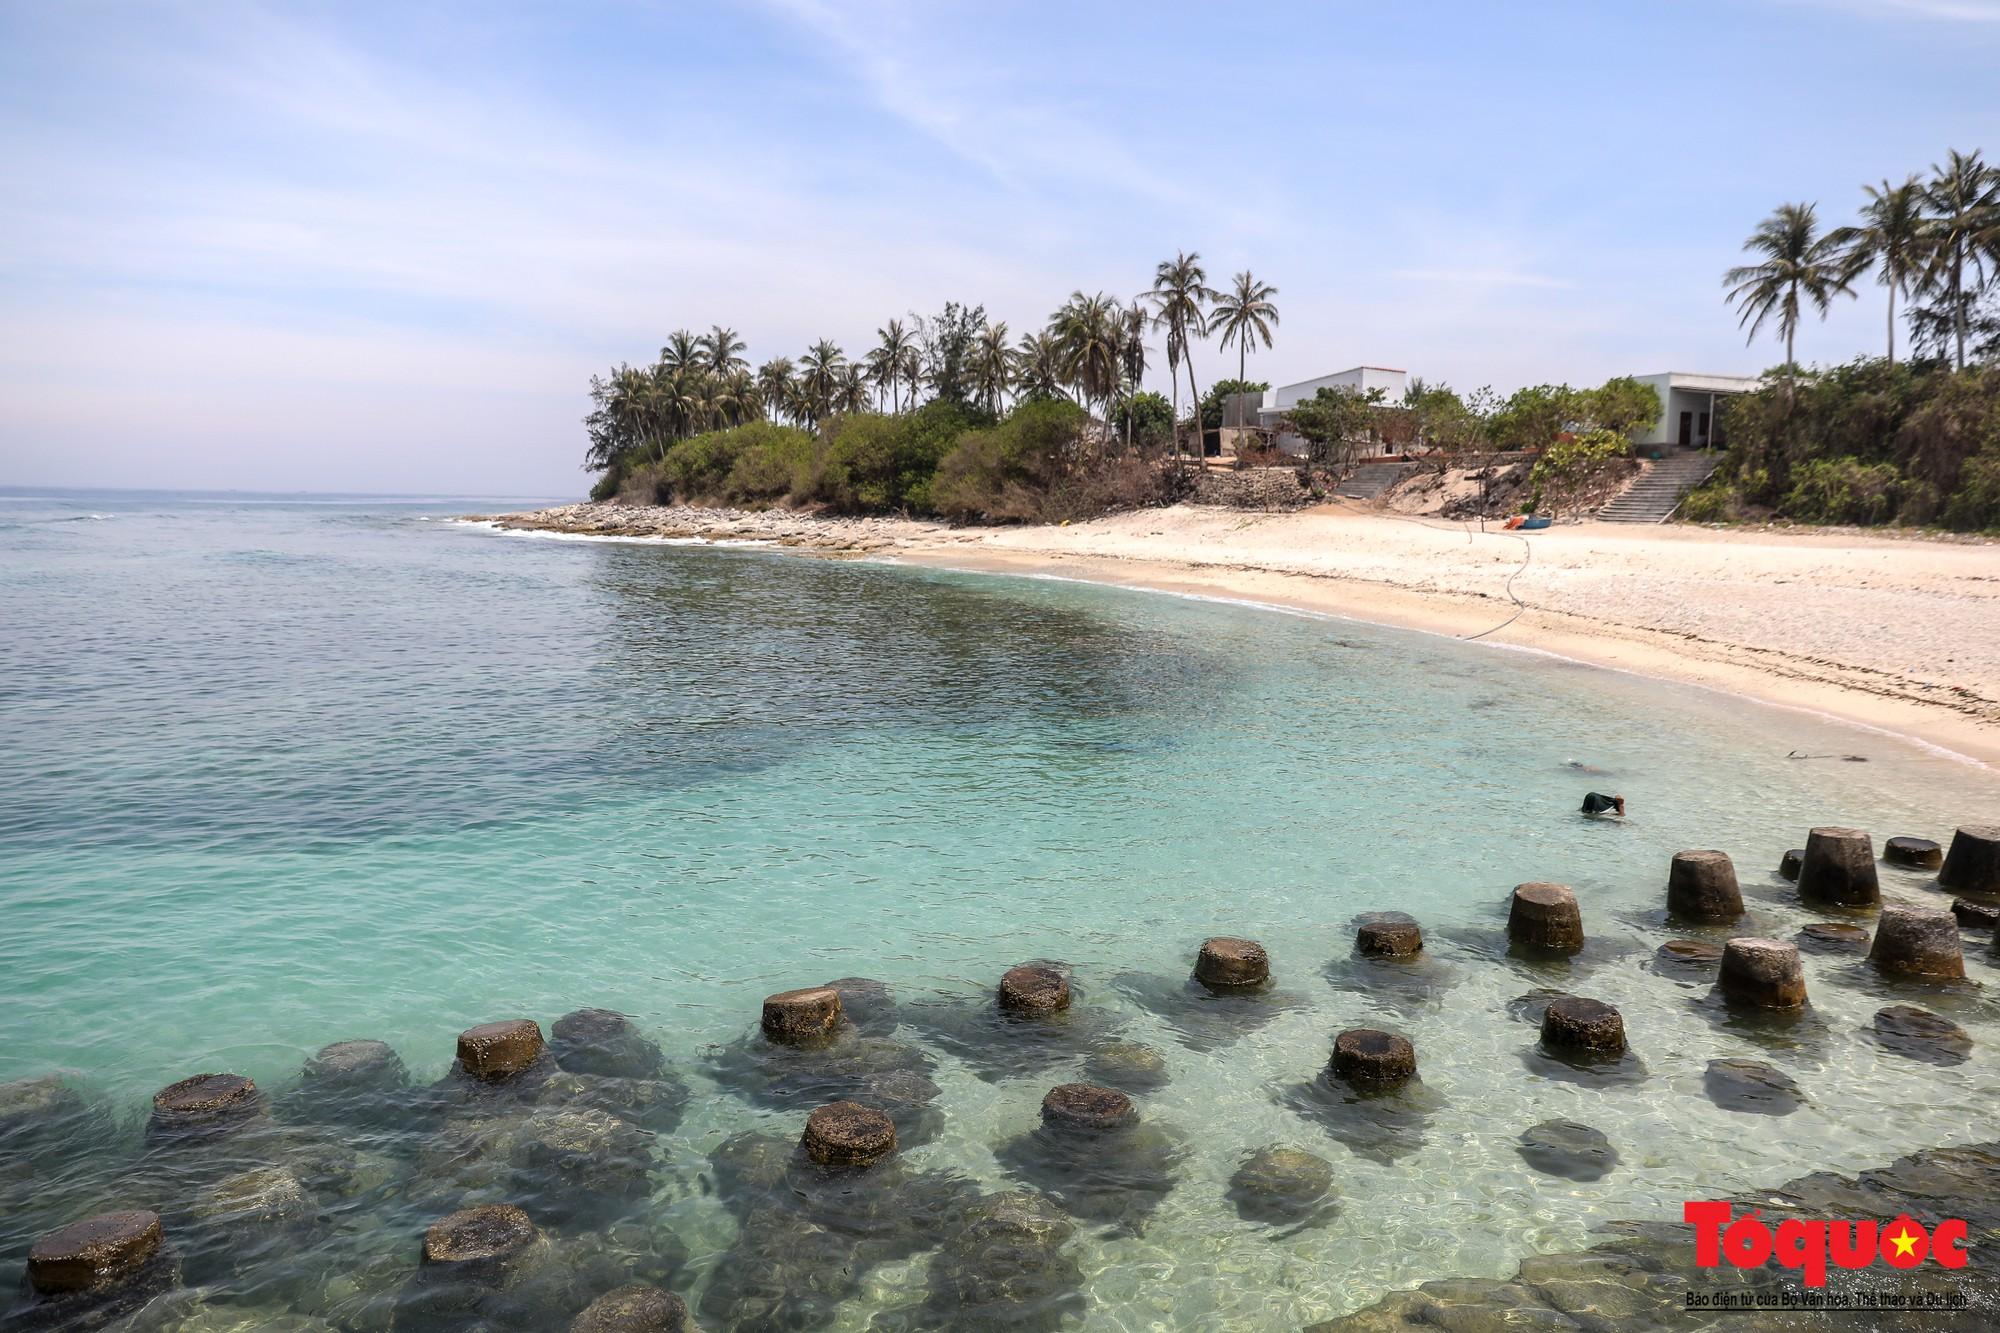 Ngỡ ngàng trước vẻ đẹp hoang sơ như thiên đường nhỏ của Đảo Bé, Lý Sơn - Ảnh 2.